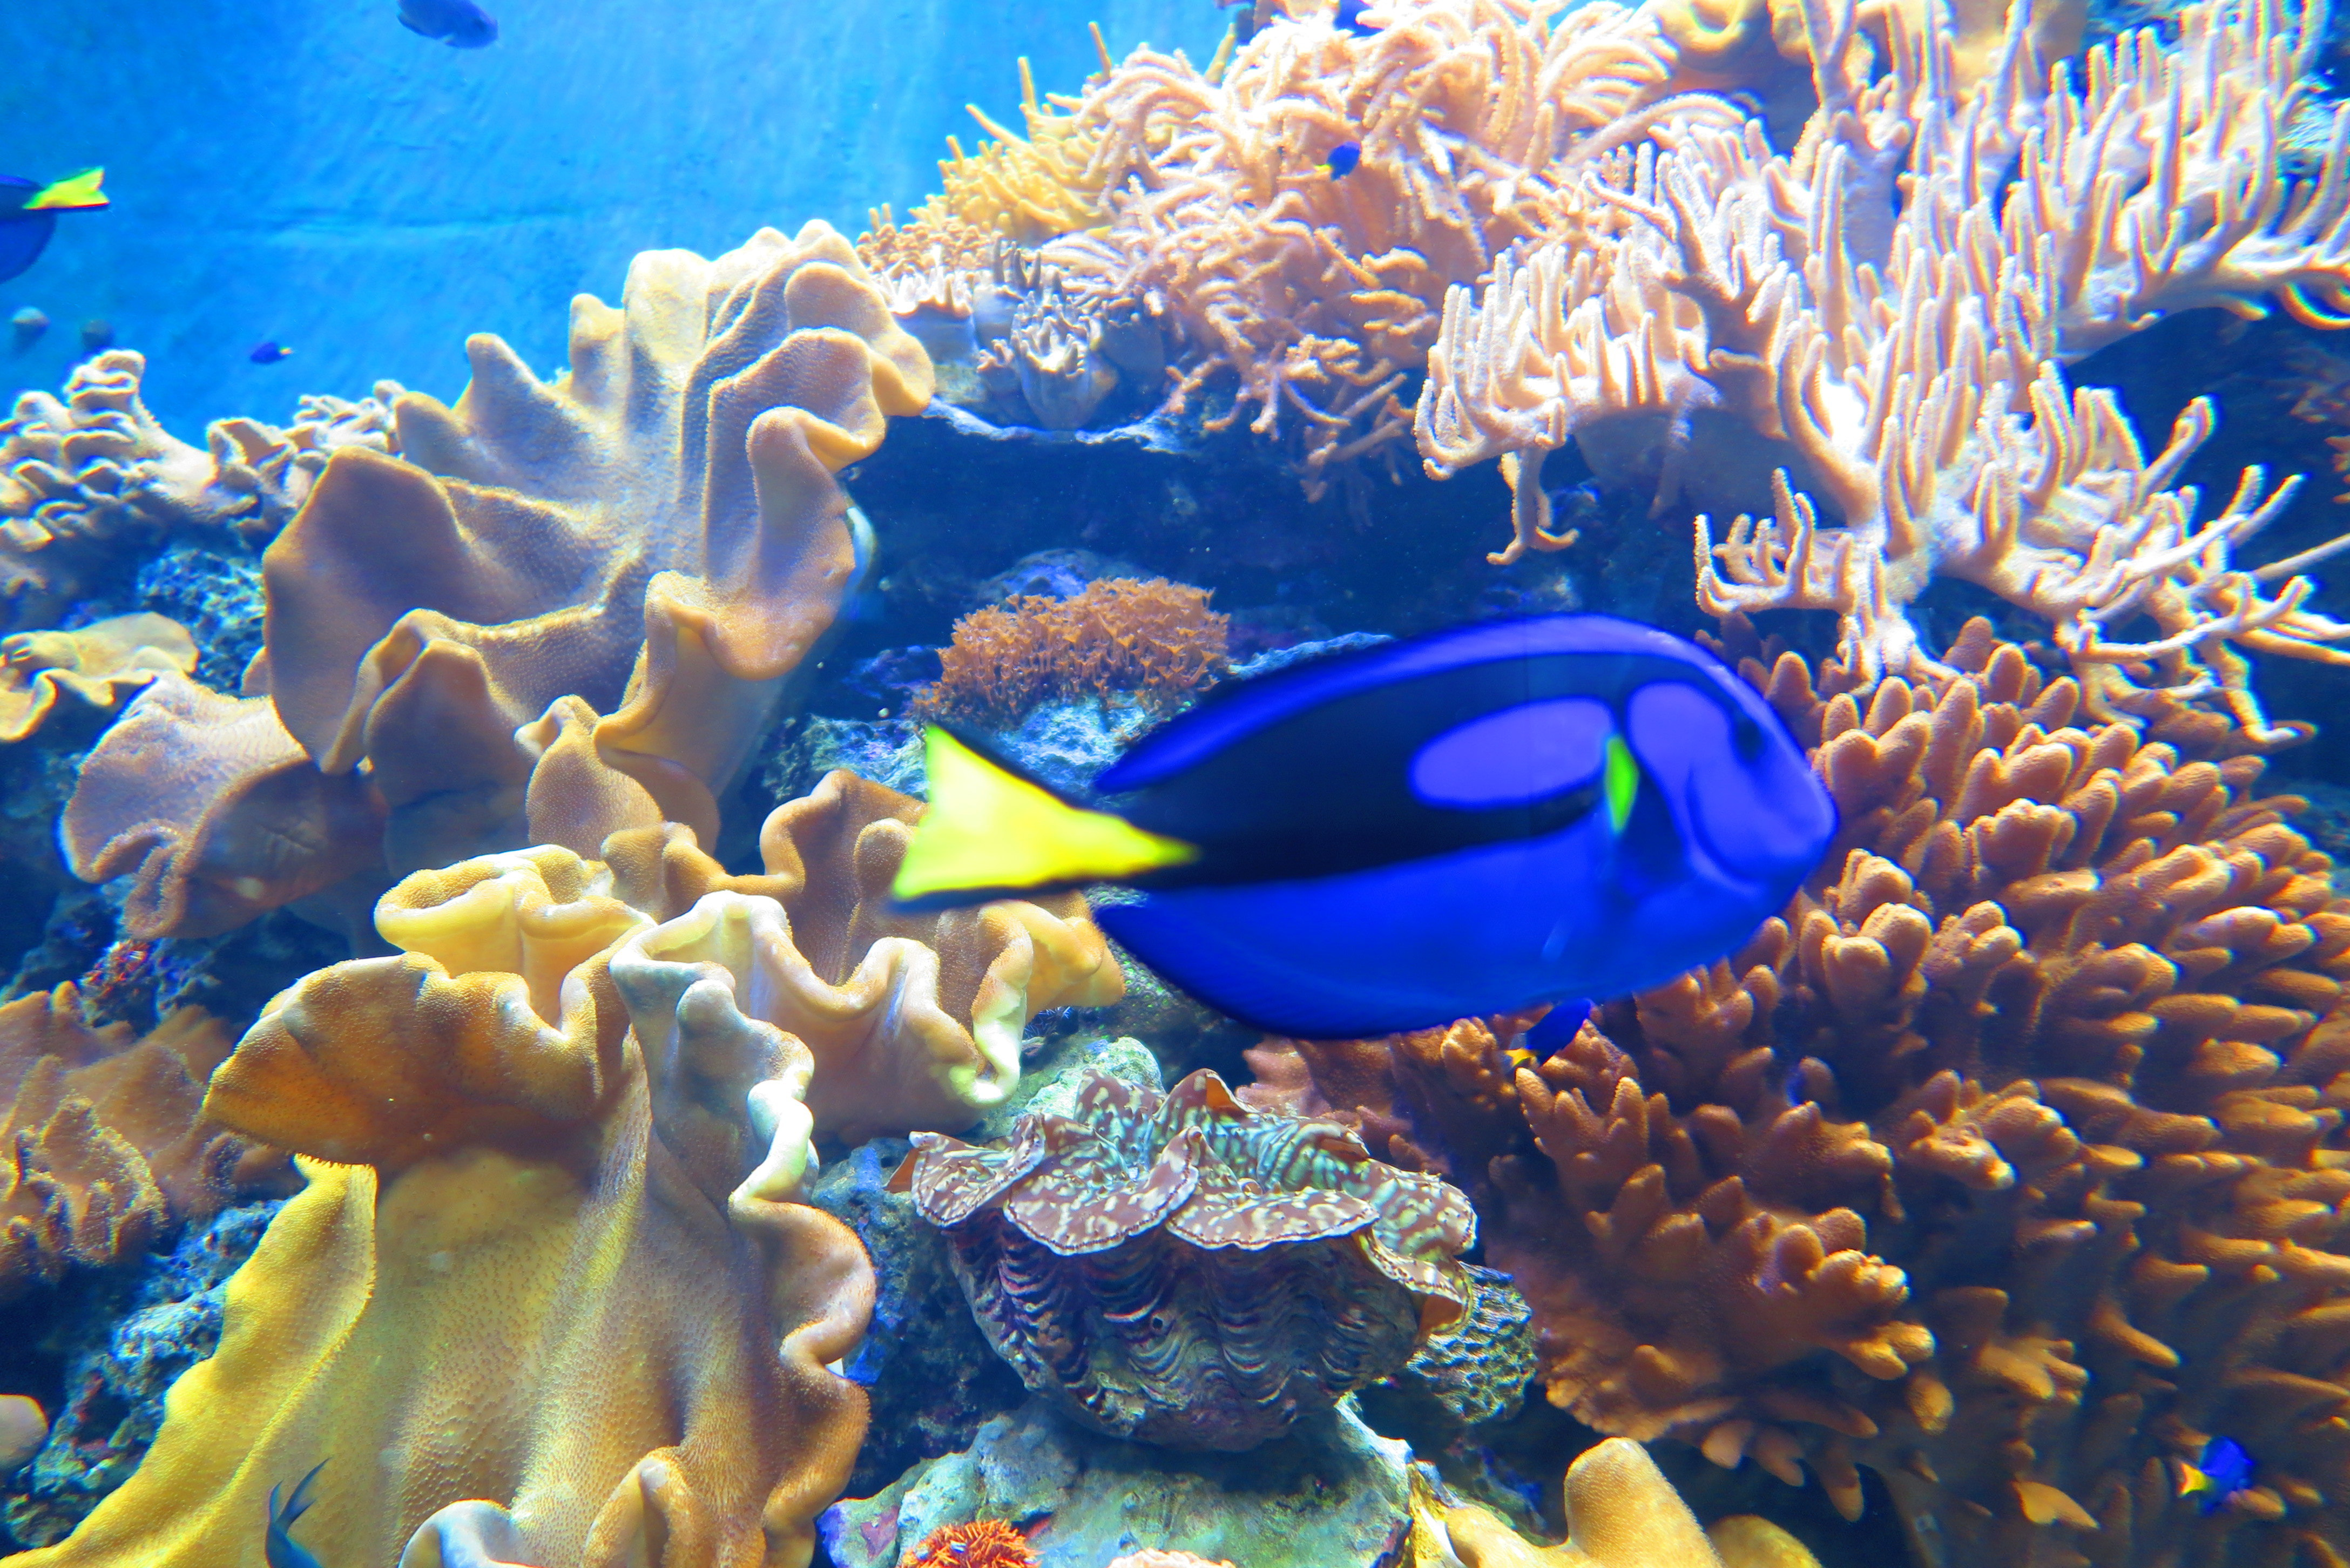 灿烂的海底世界--垦丁海洋生物博物馆